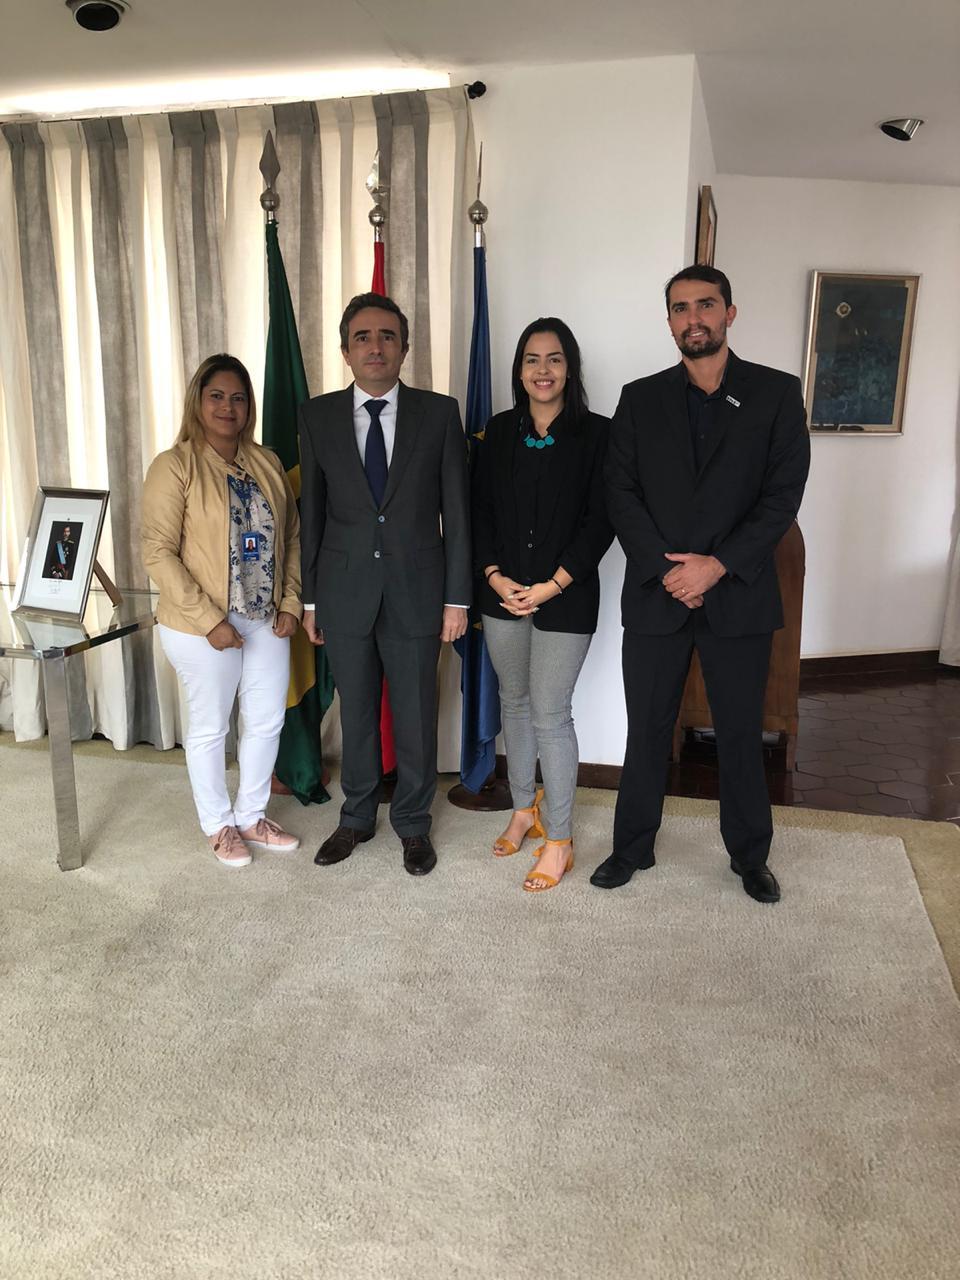 29012020 Embaixada Espanha Cupula